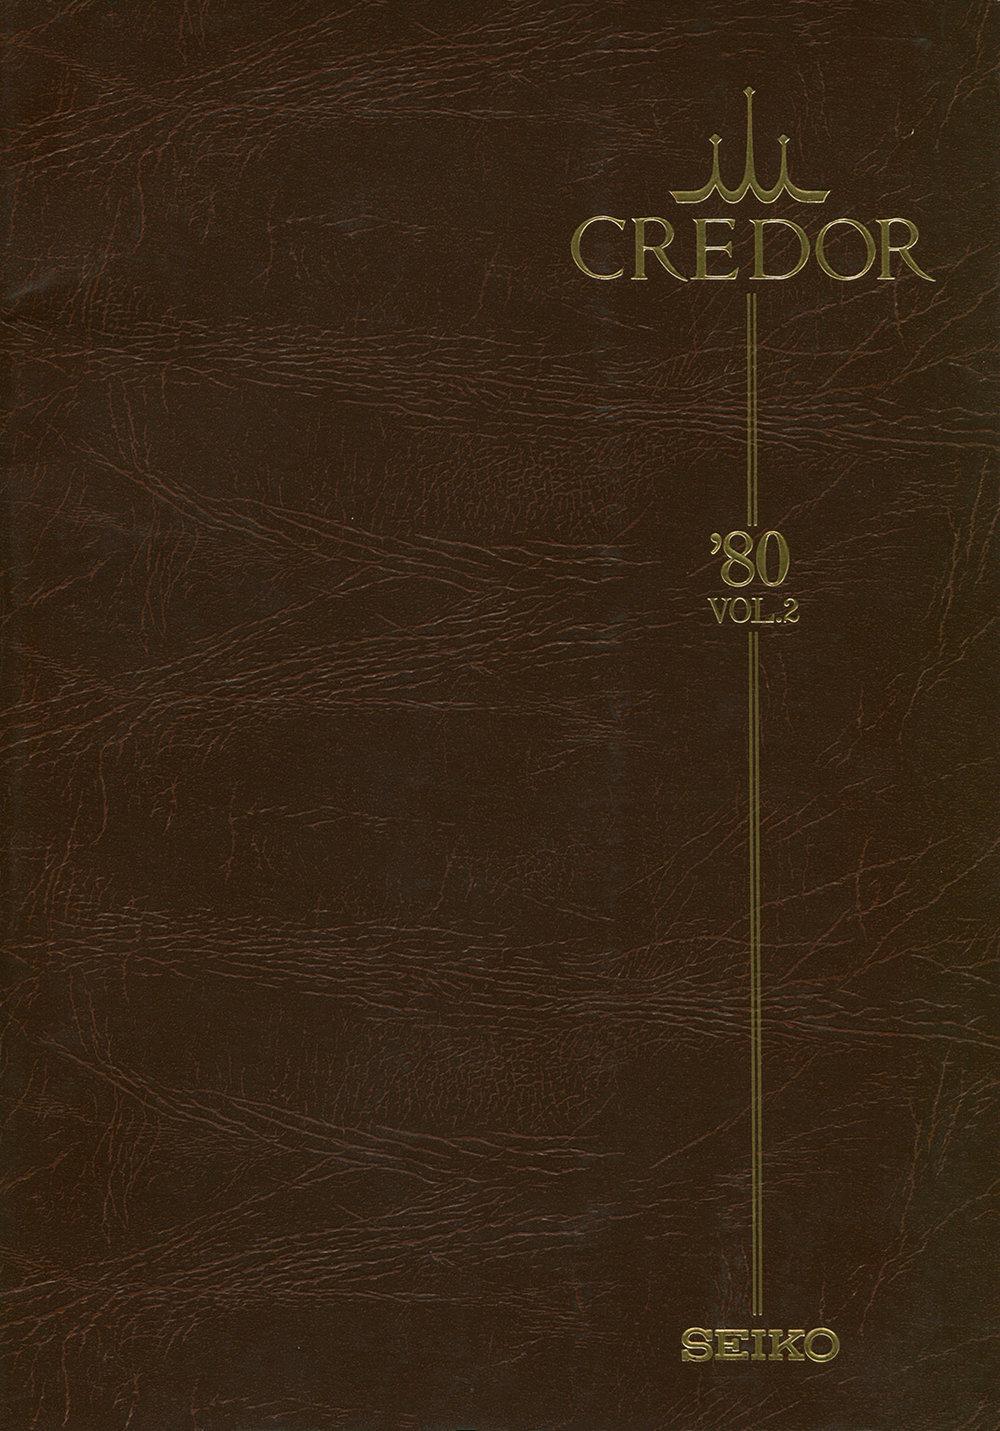 1980 Credor Vol.2 (46MB)